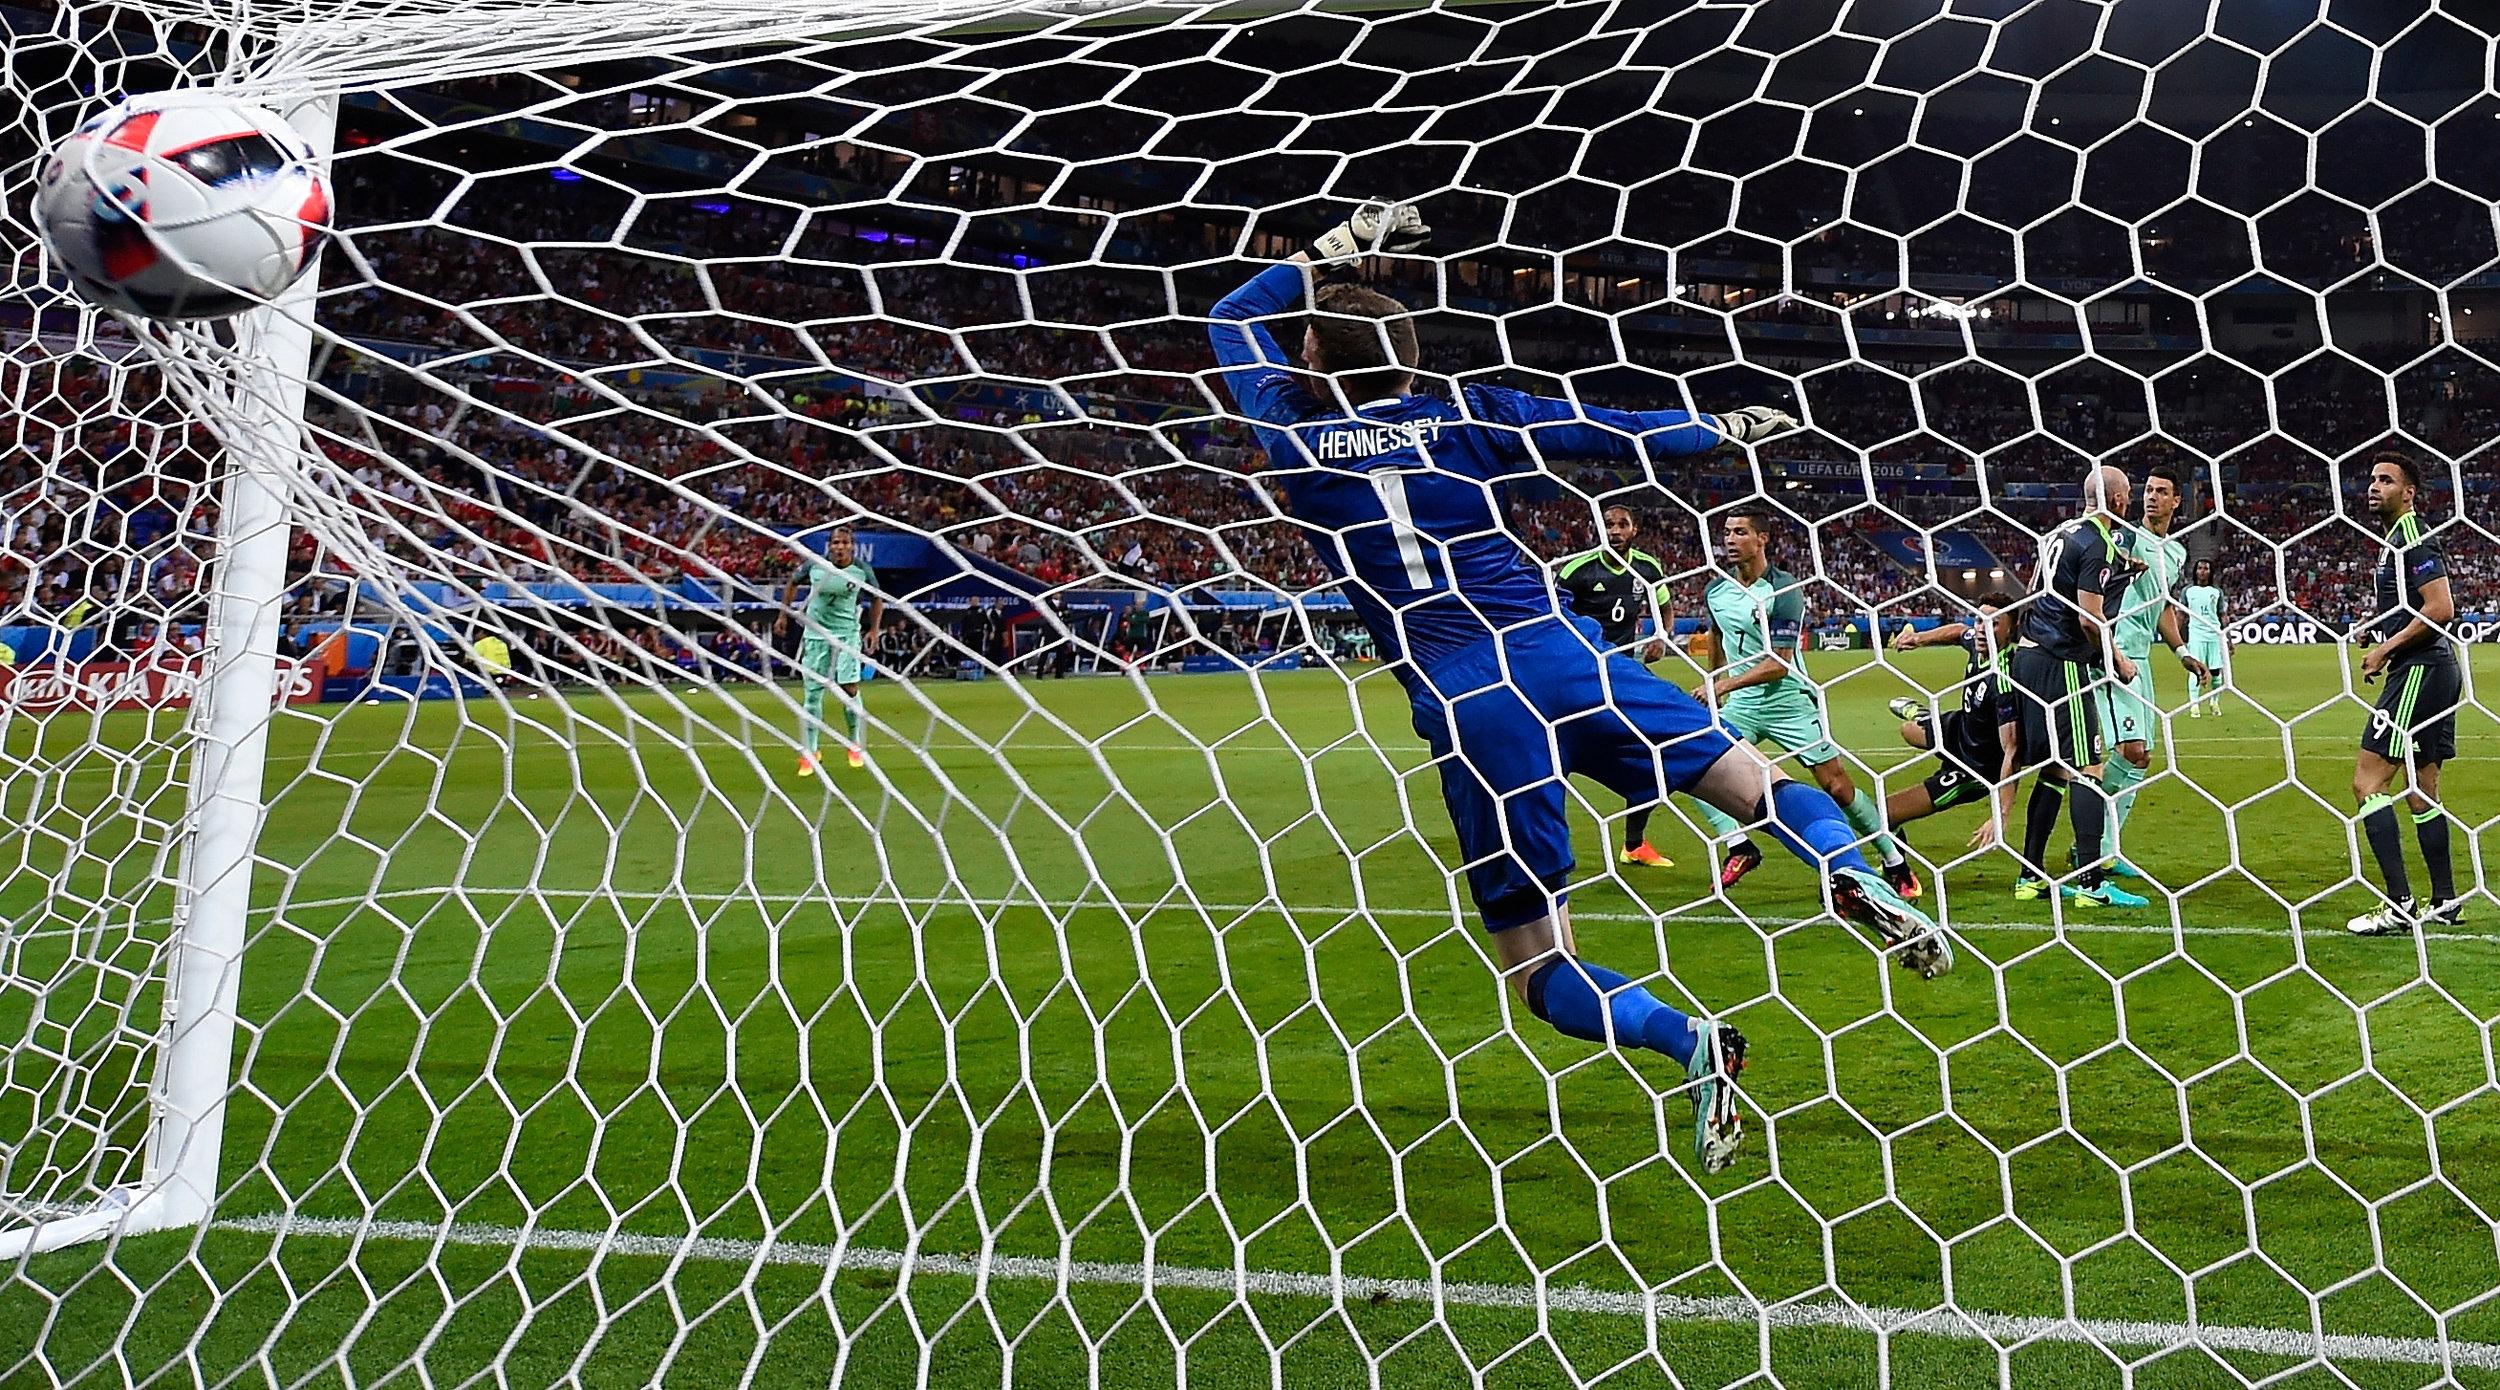 I aktion for Wales: Wayne Hennessey spræller forgæves efter Cristiano Ronaldos header i EM-semifinalen mellem Wales og Portugal.   Foto: Getty Images